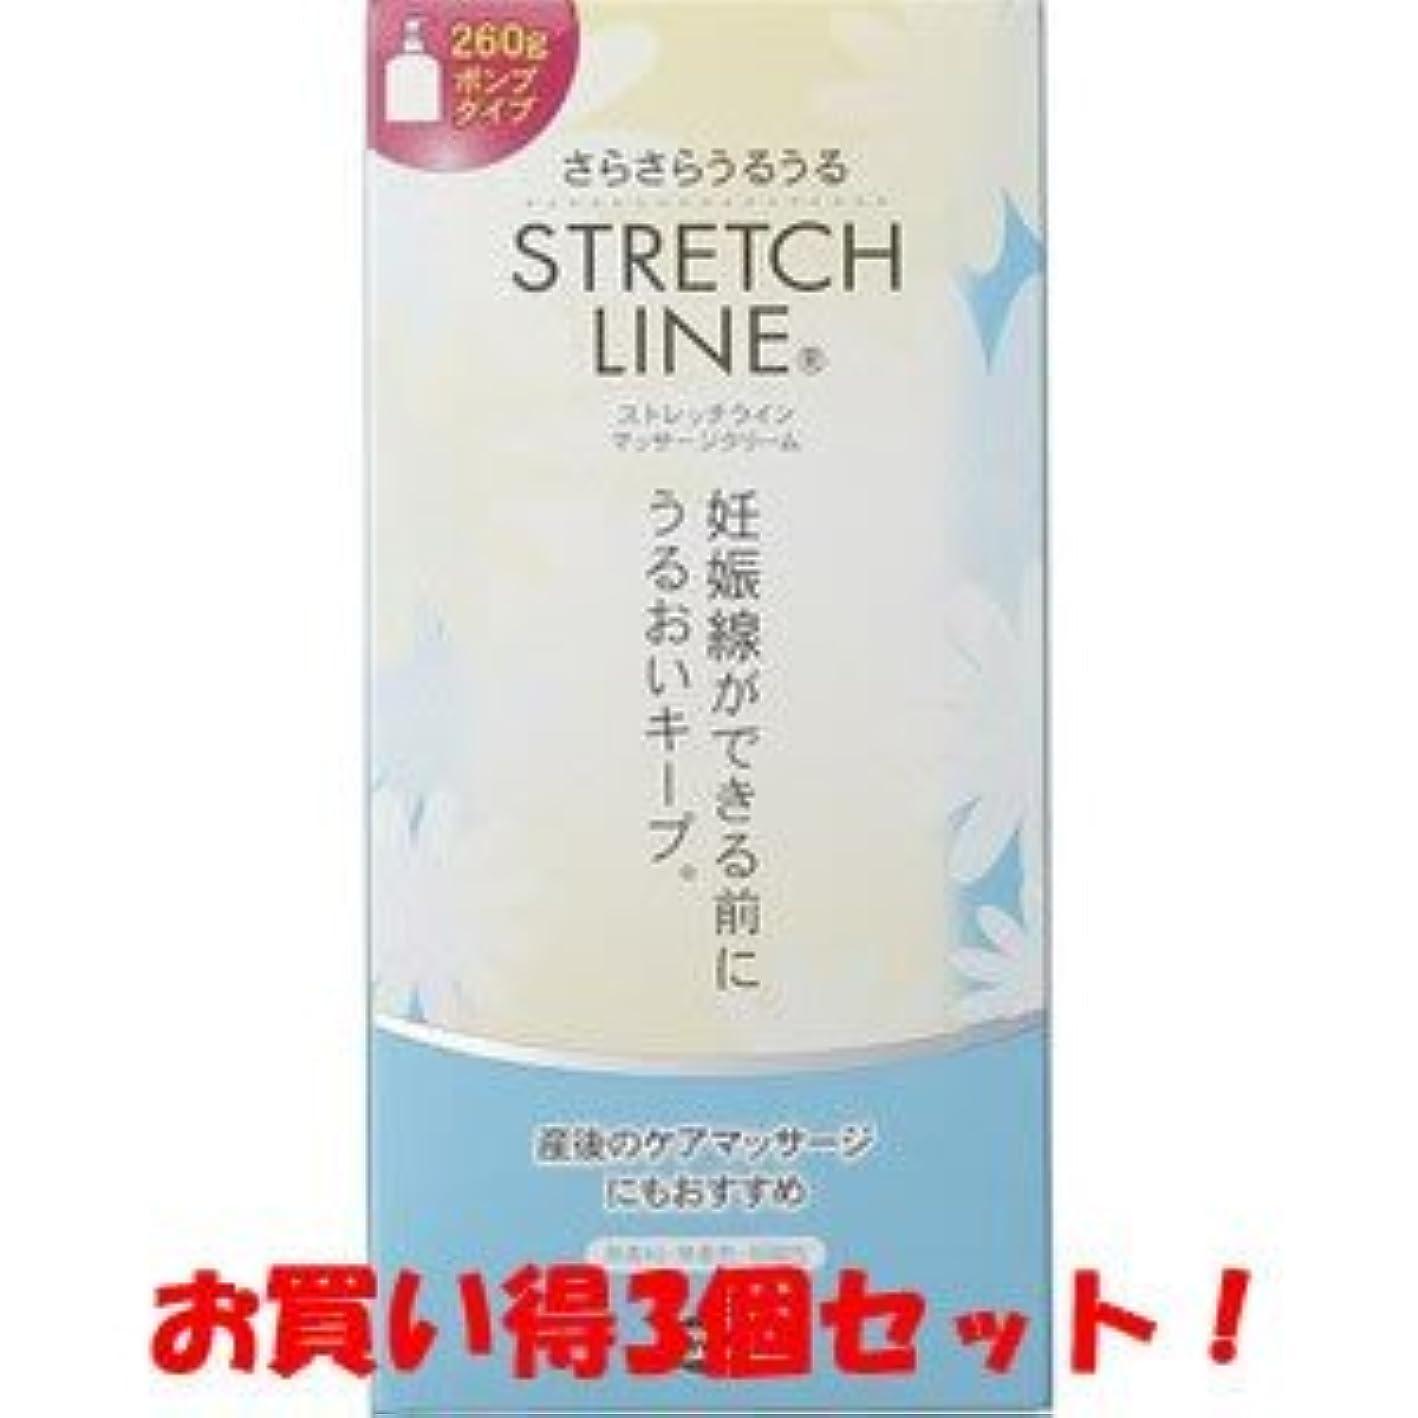 曲手つかずの簡略化する(ピップ)ストレッチライン マッサージクリーム 260g/妊娠線/(お買い得3個セット)